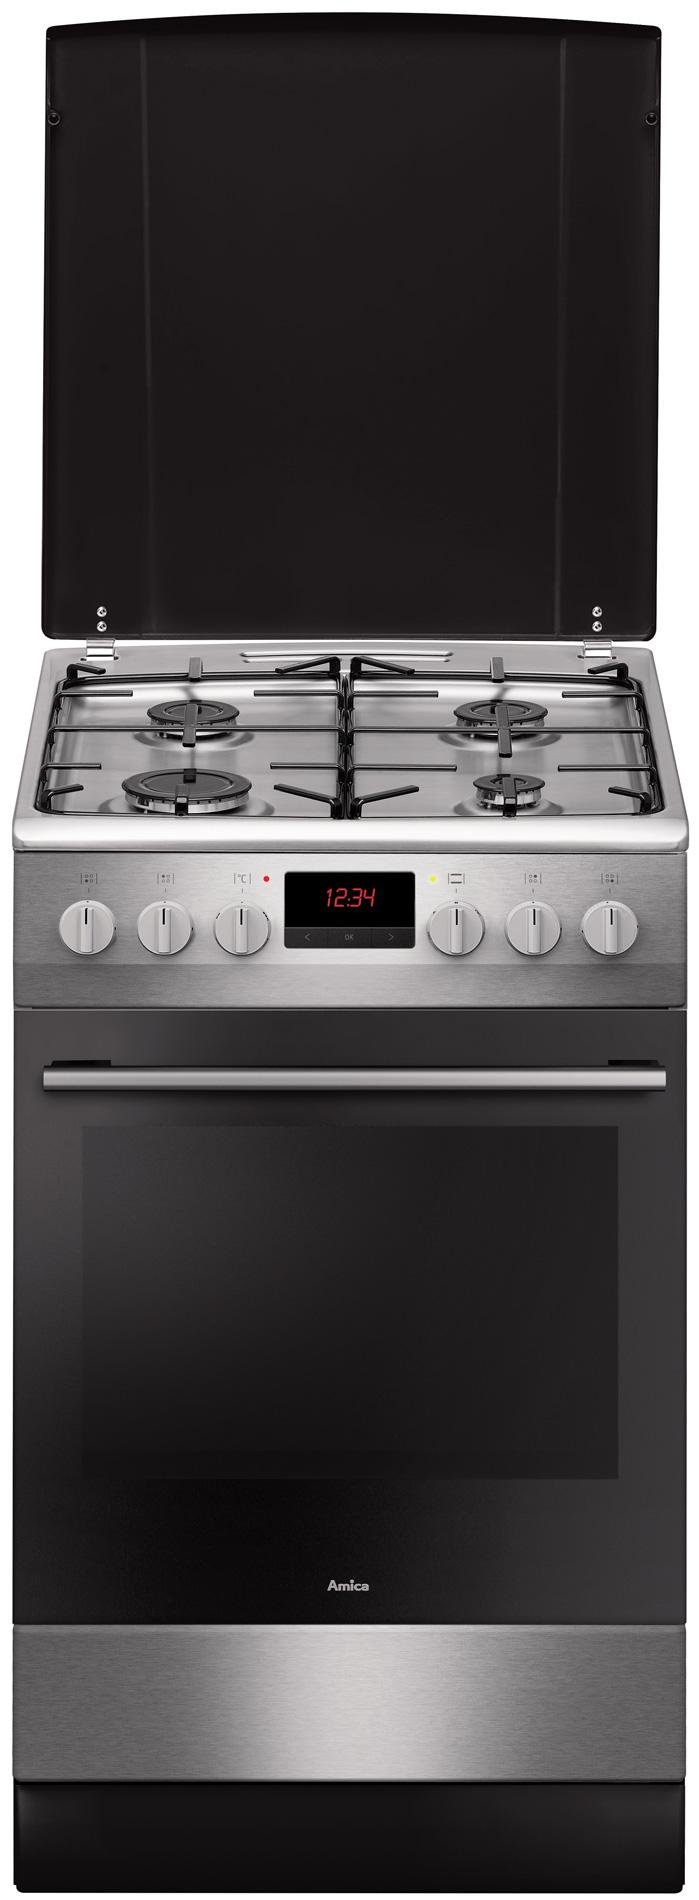 Kuchnia wolnostojąca gazowo elektryczna 510GES3 43ZpTaD(Xx)  Amica # Kuchnie Gazowe Elektryczne Amica